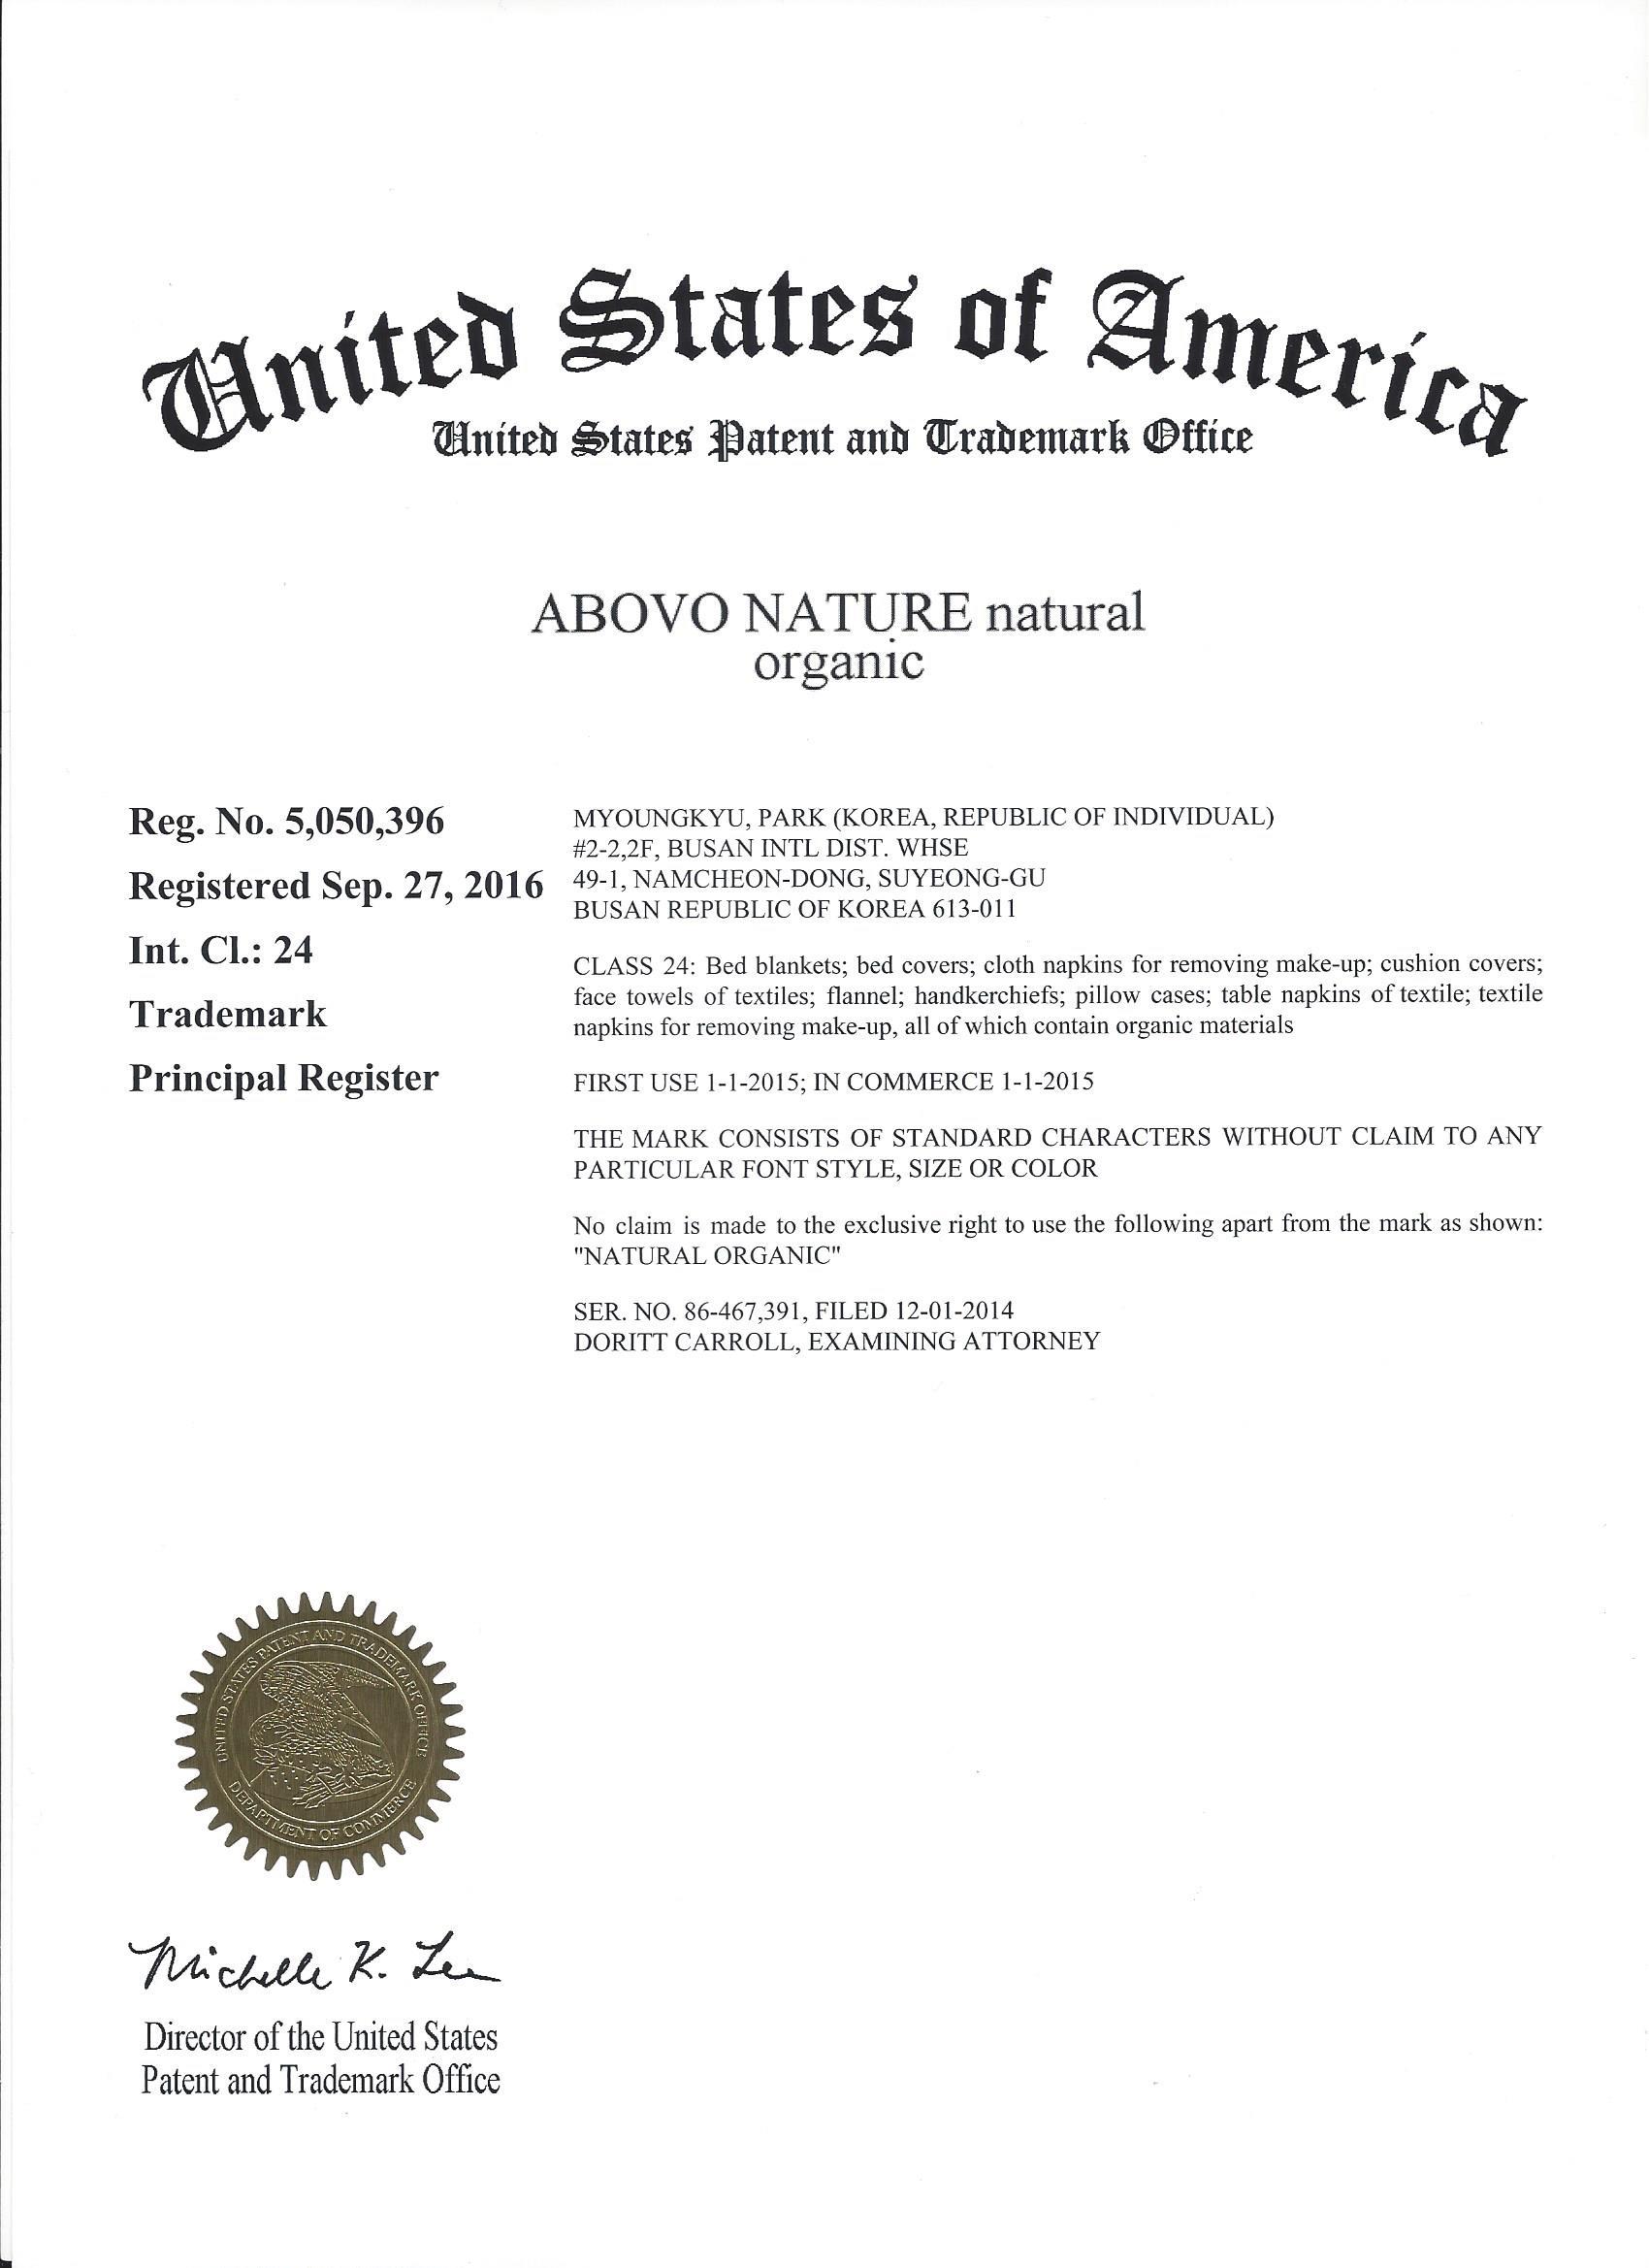 미국상표권 등록 abovonature naturalorganic-24류-1.jpg